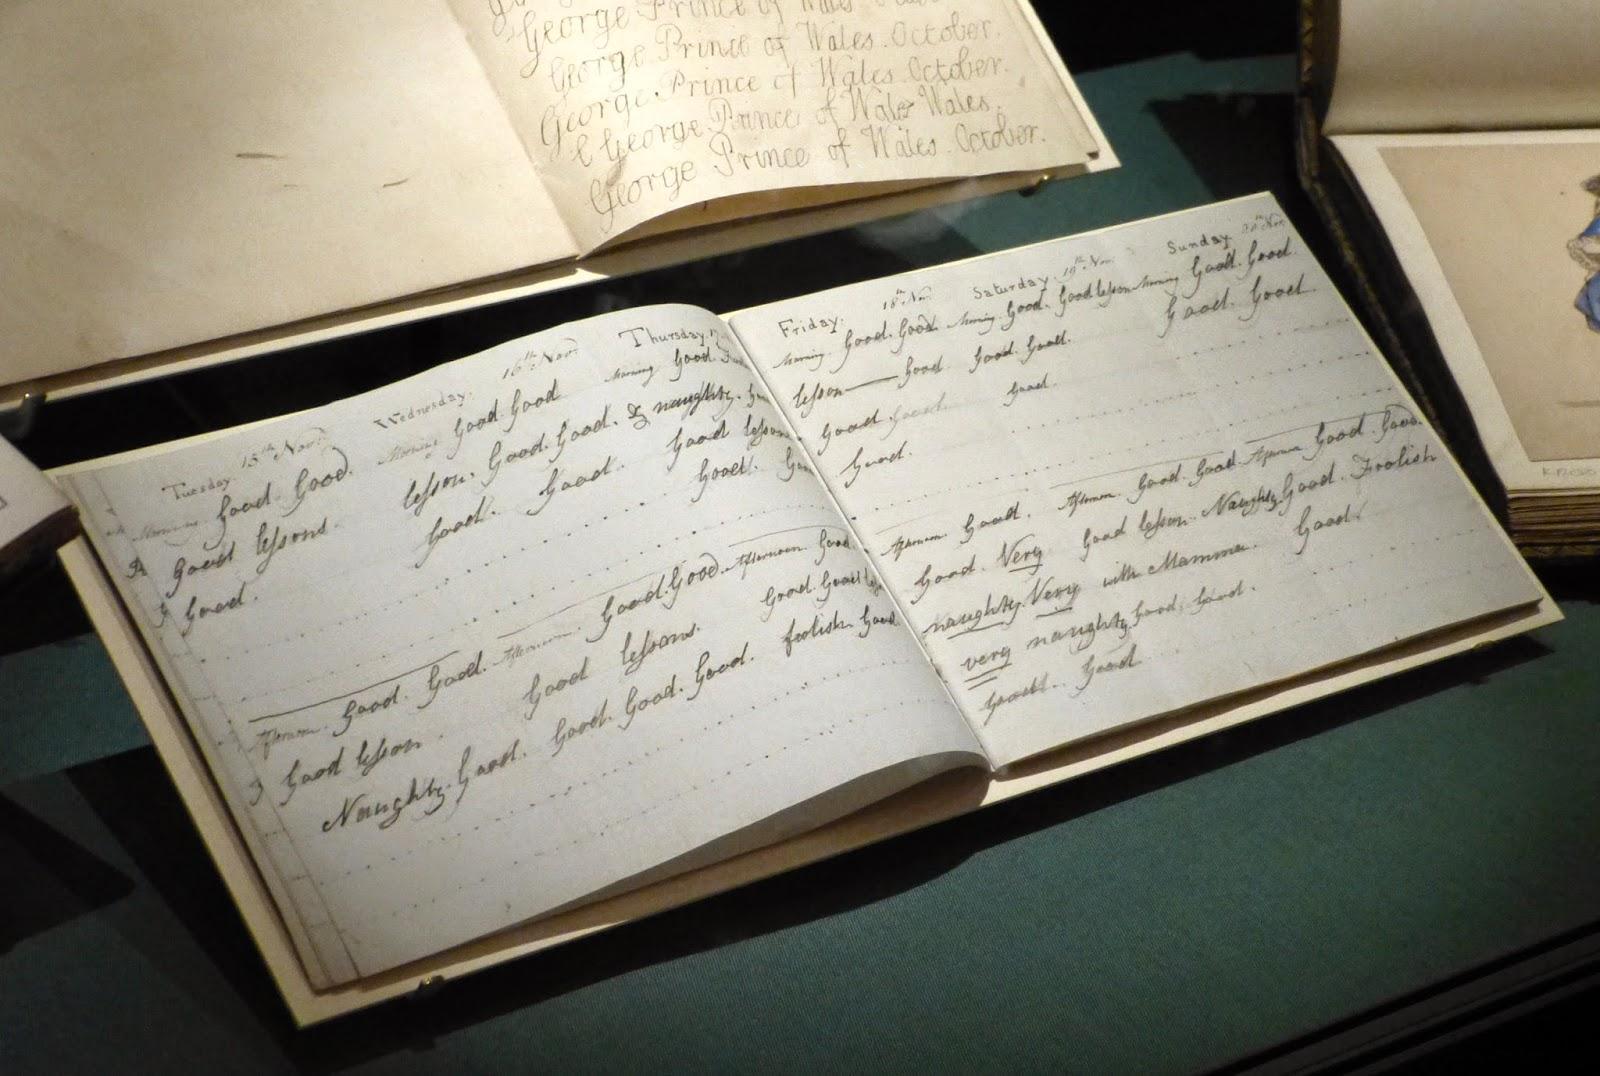 Queen Victoria's behaviour book